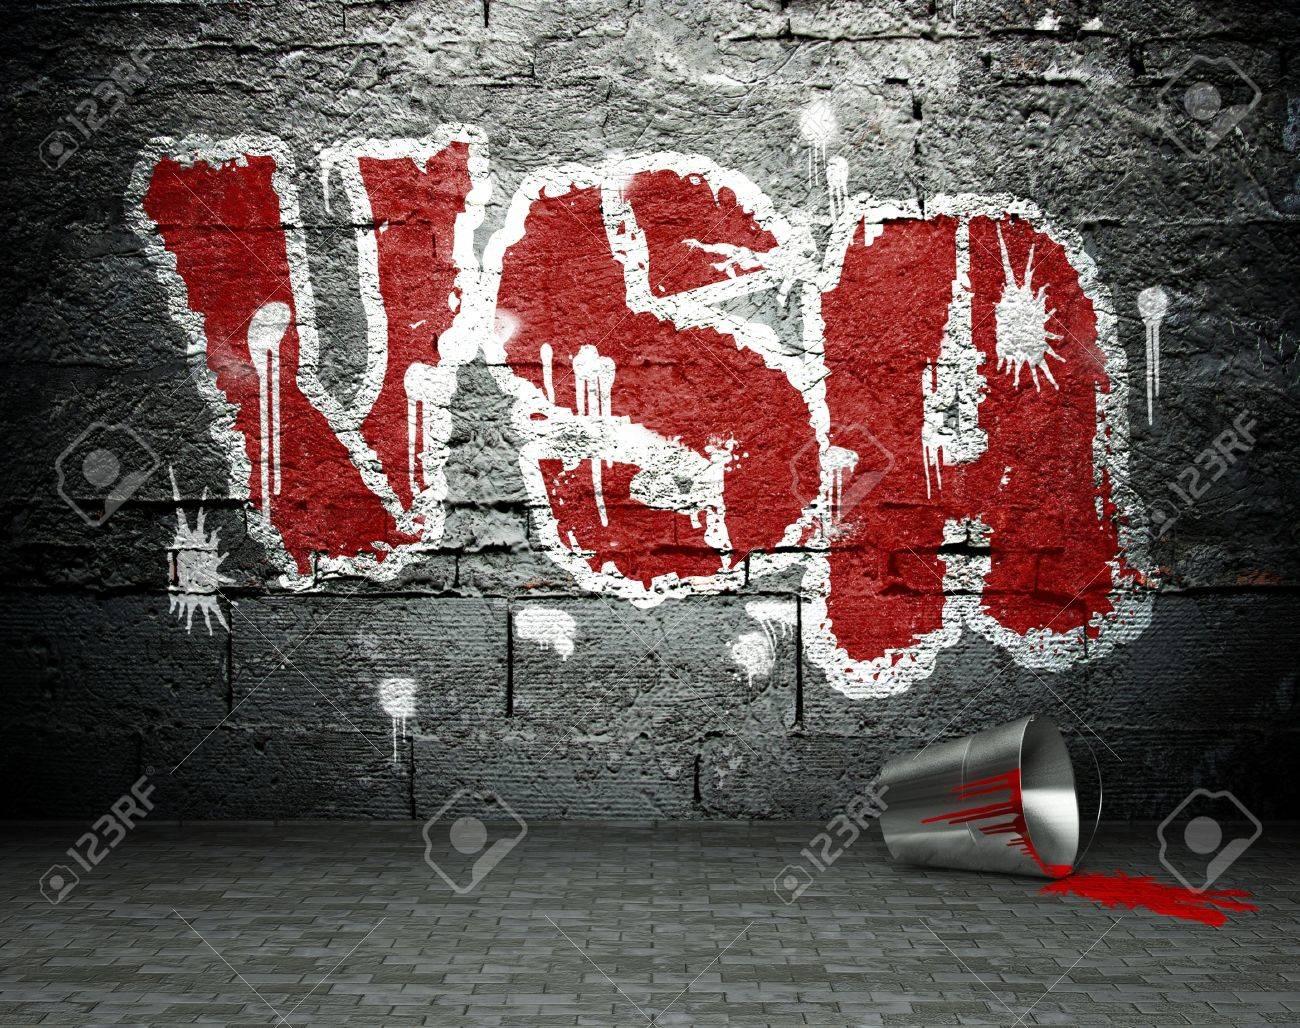 Graffiti wall usa - Graffiti Wall With Usa Street Art Background Stock Photo 25334160